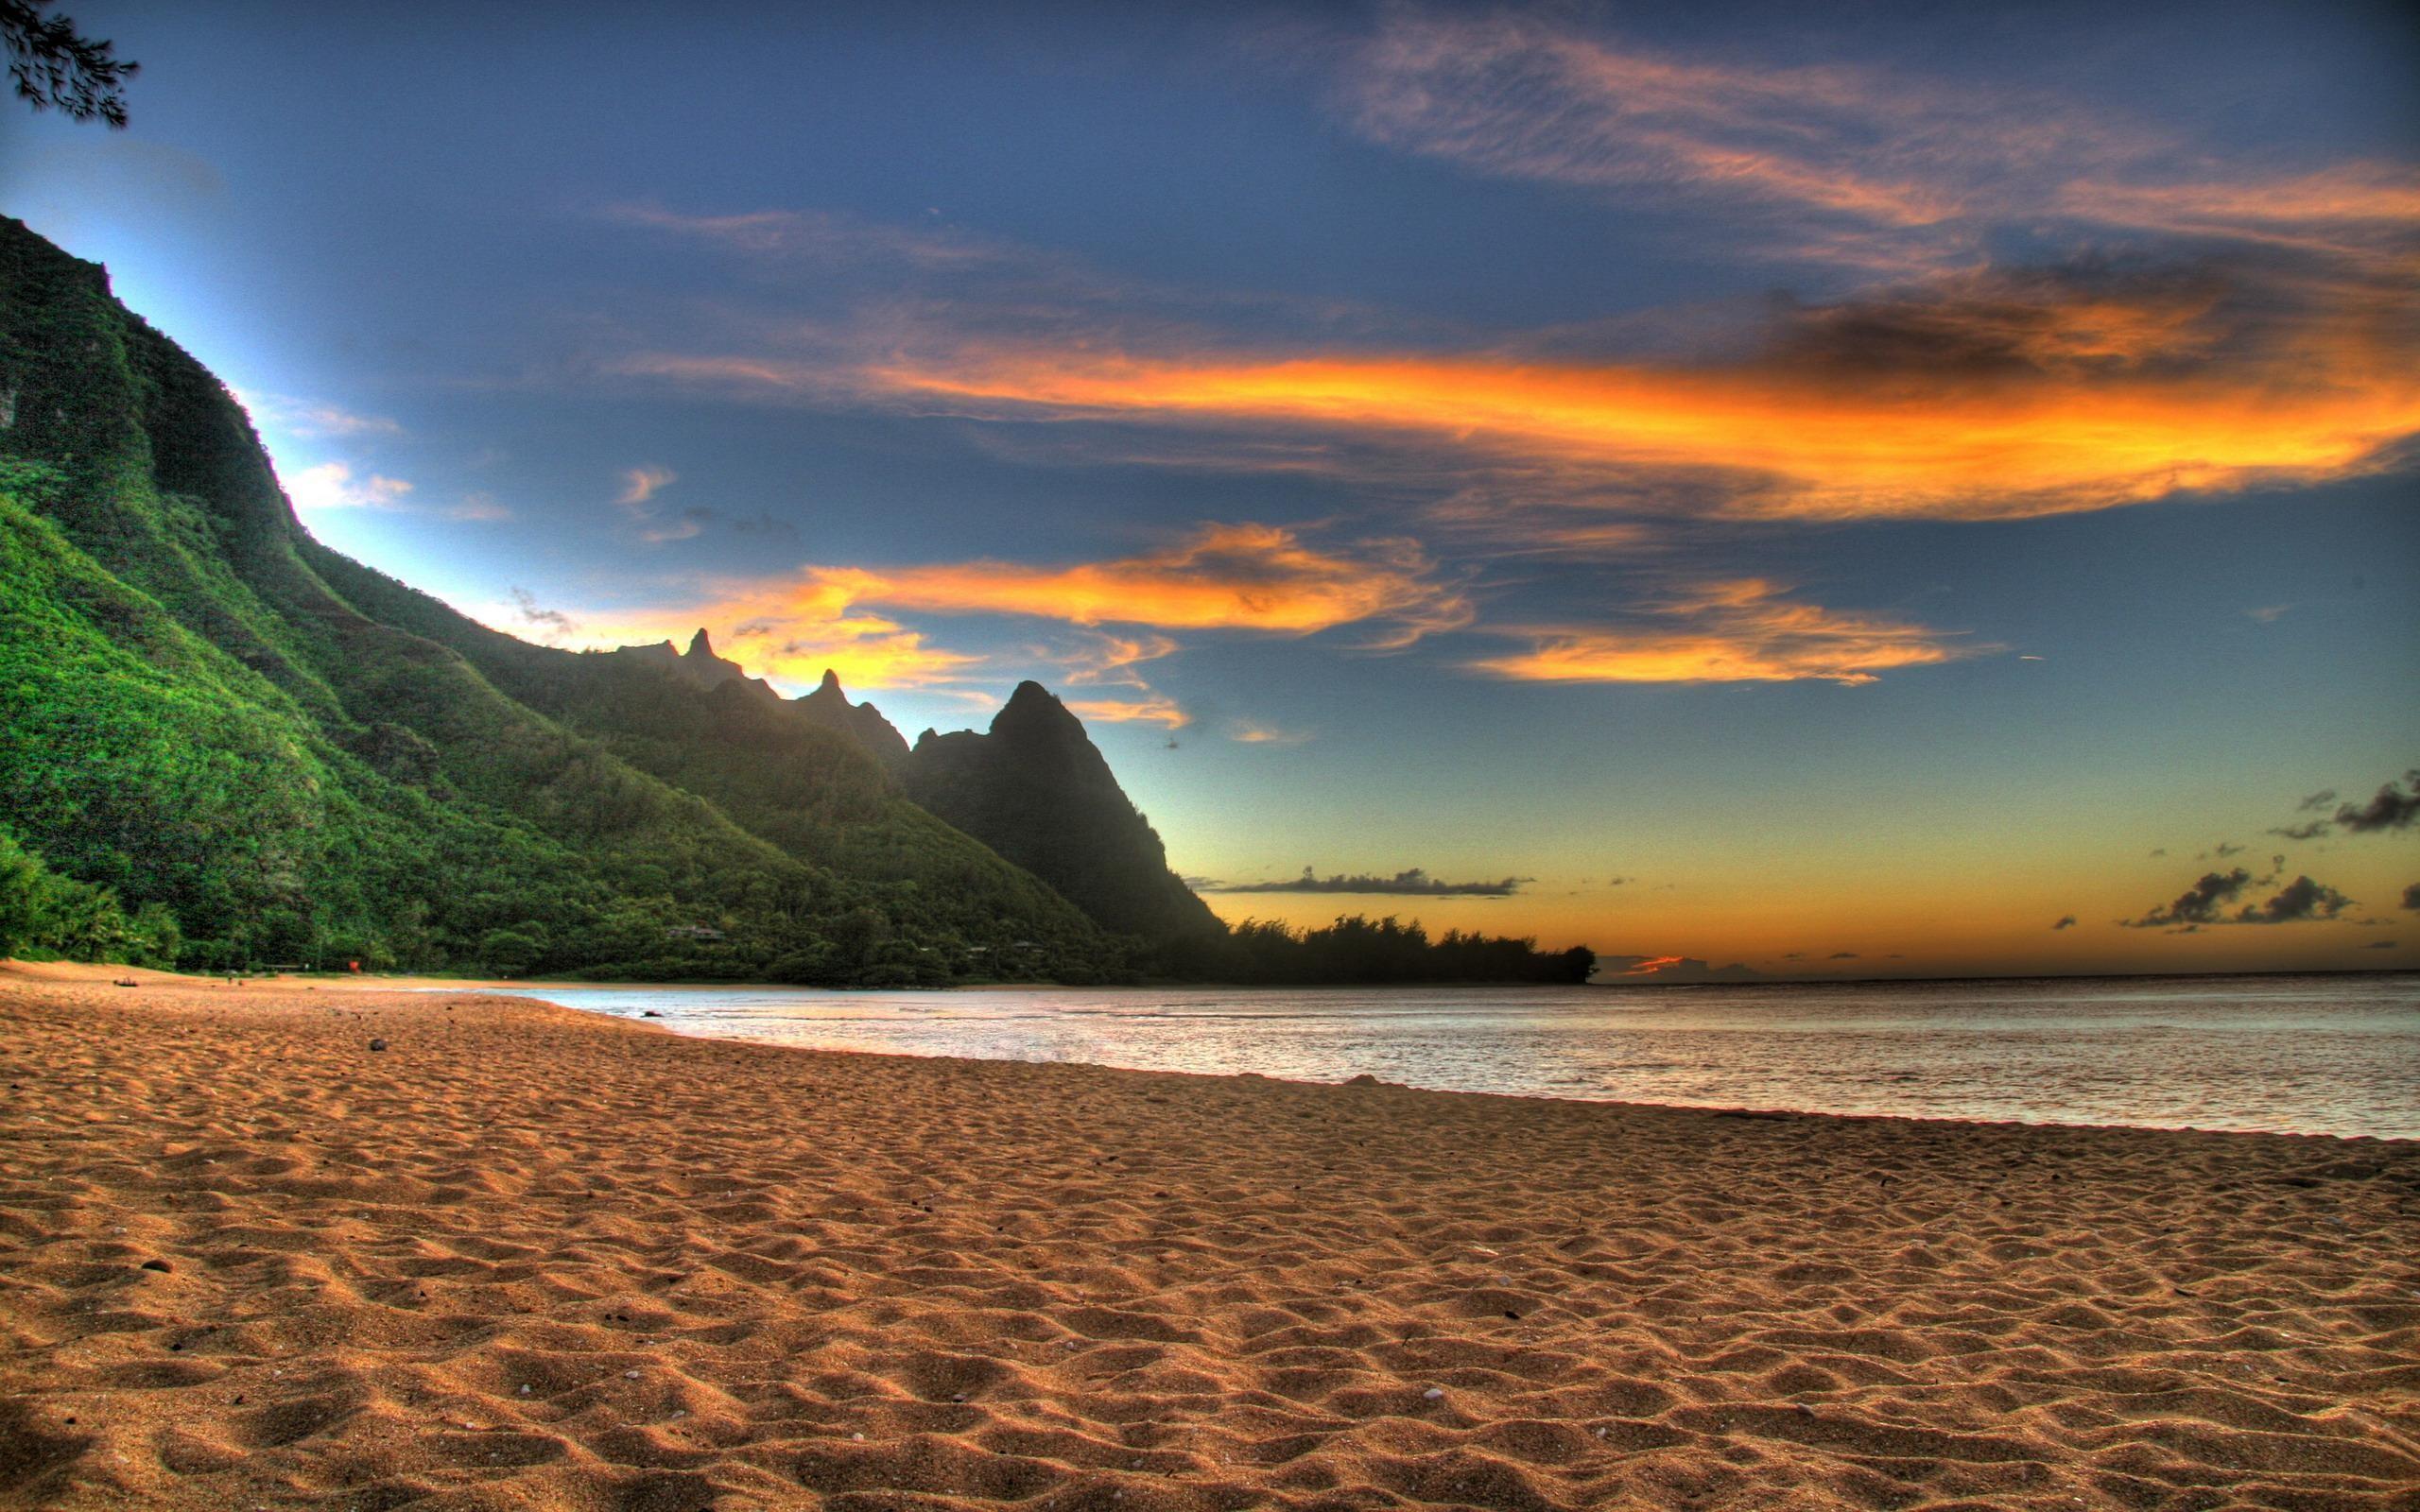 Sunset Beach Desktop Wallpaper – HD Wallpapers 100% High Quality